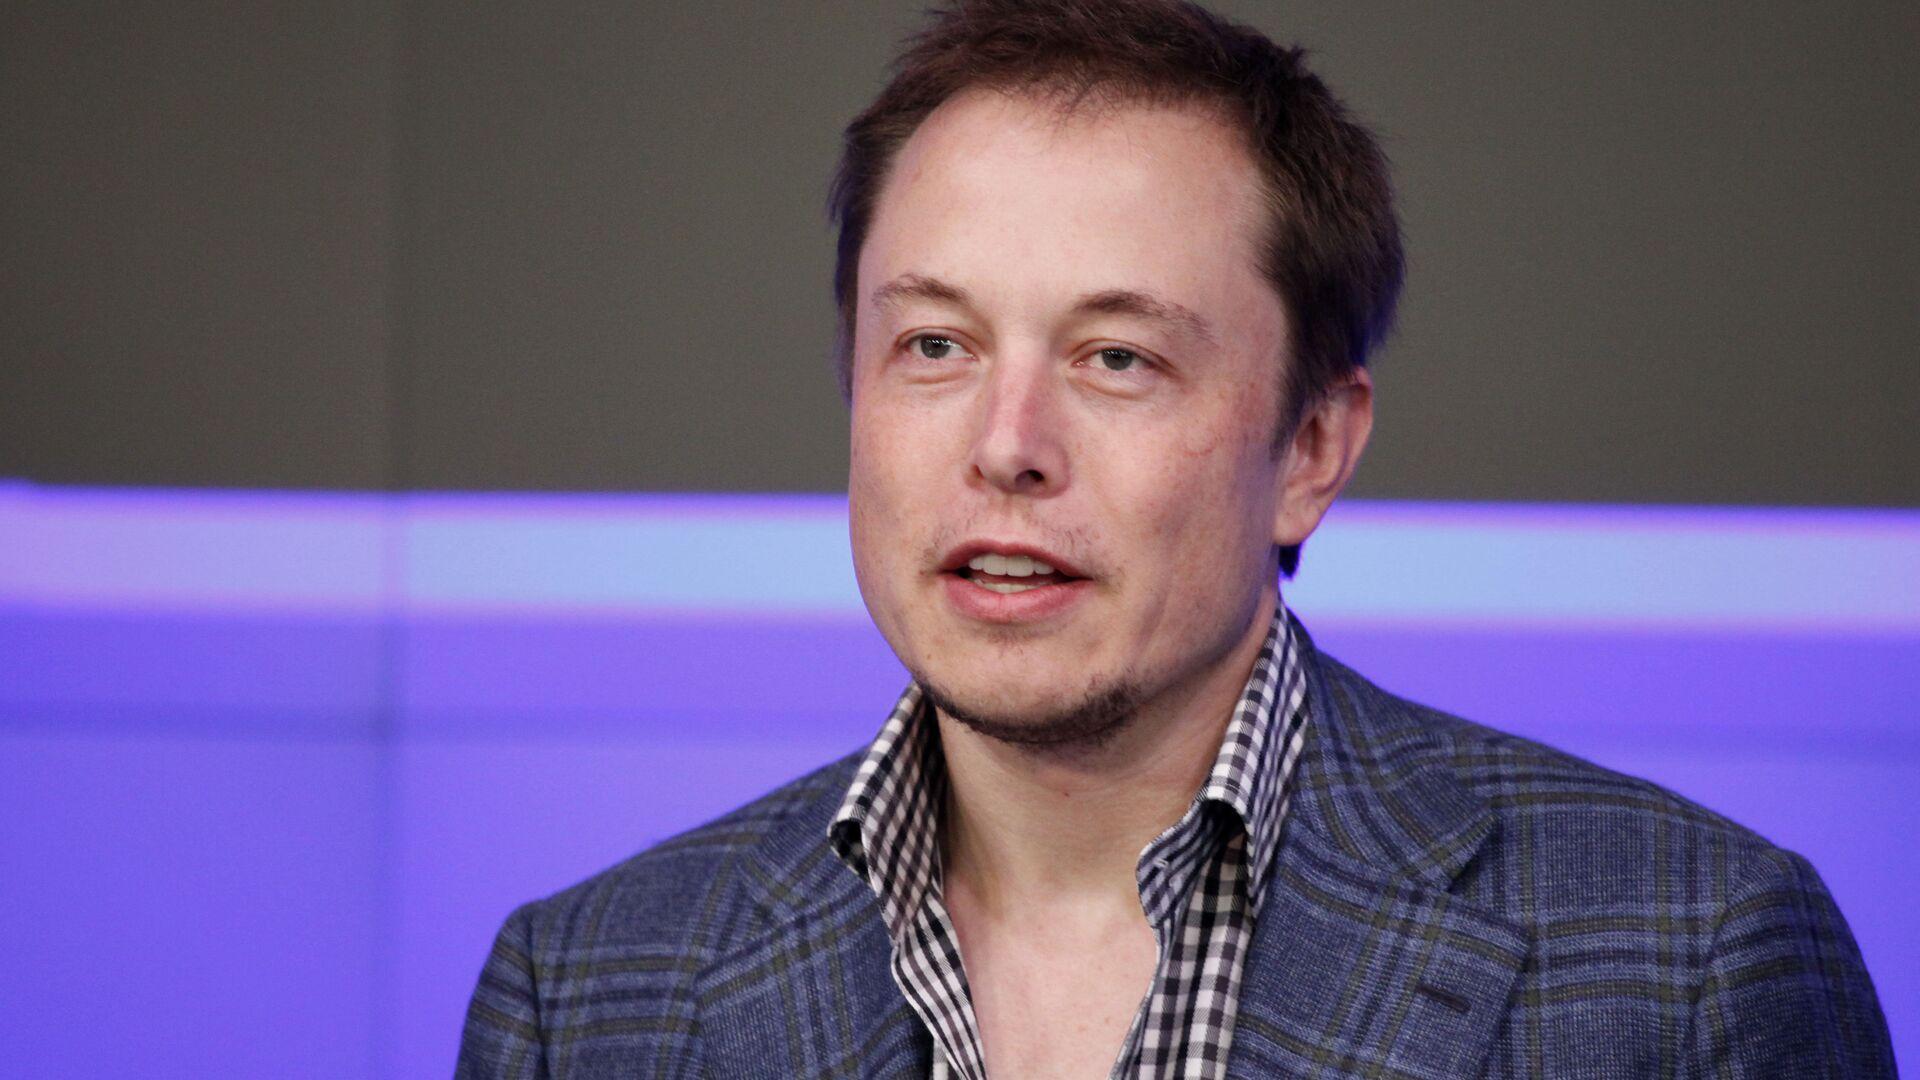 Илон Маск потерял пять миллиардов долларов из-за новостей о ДТП